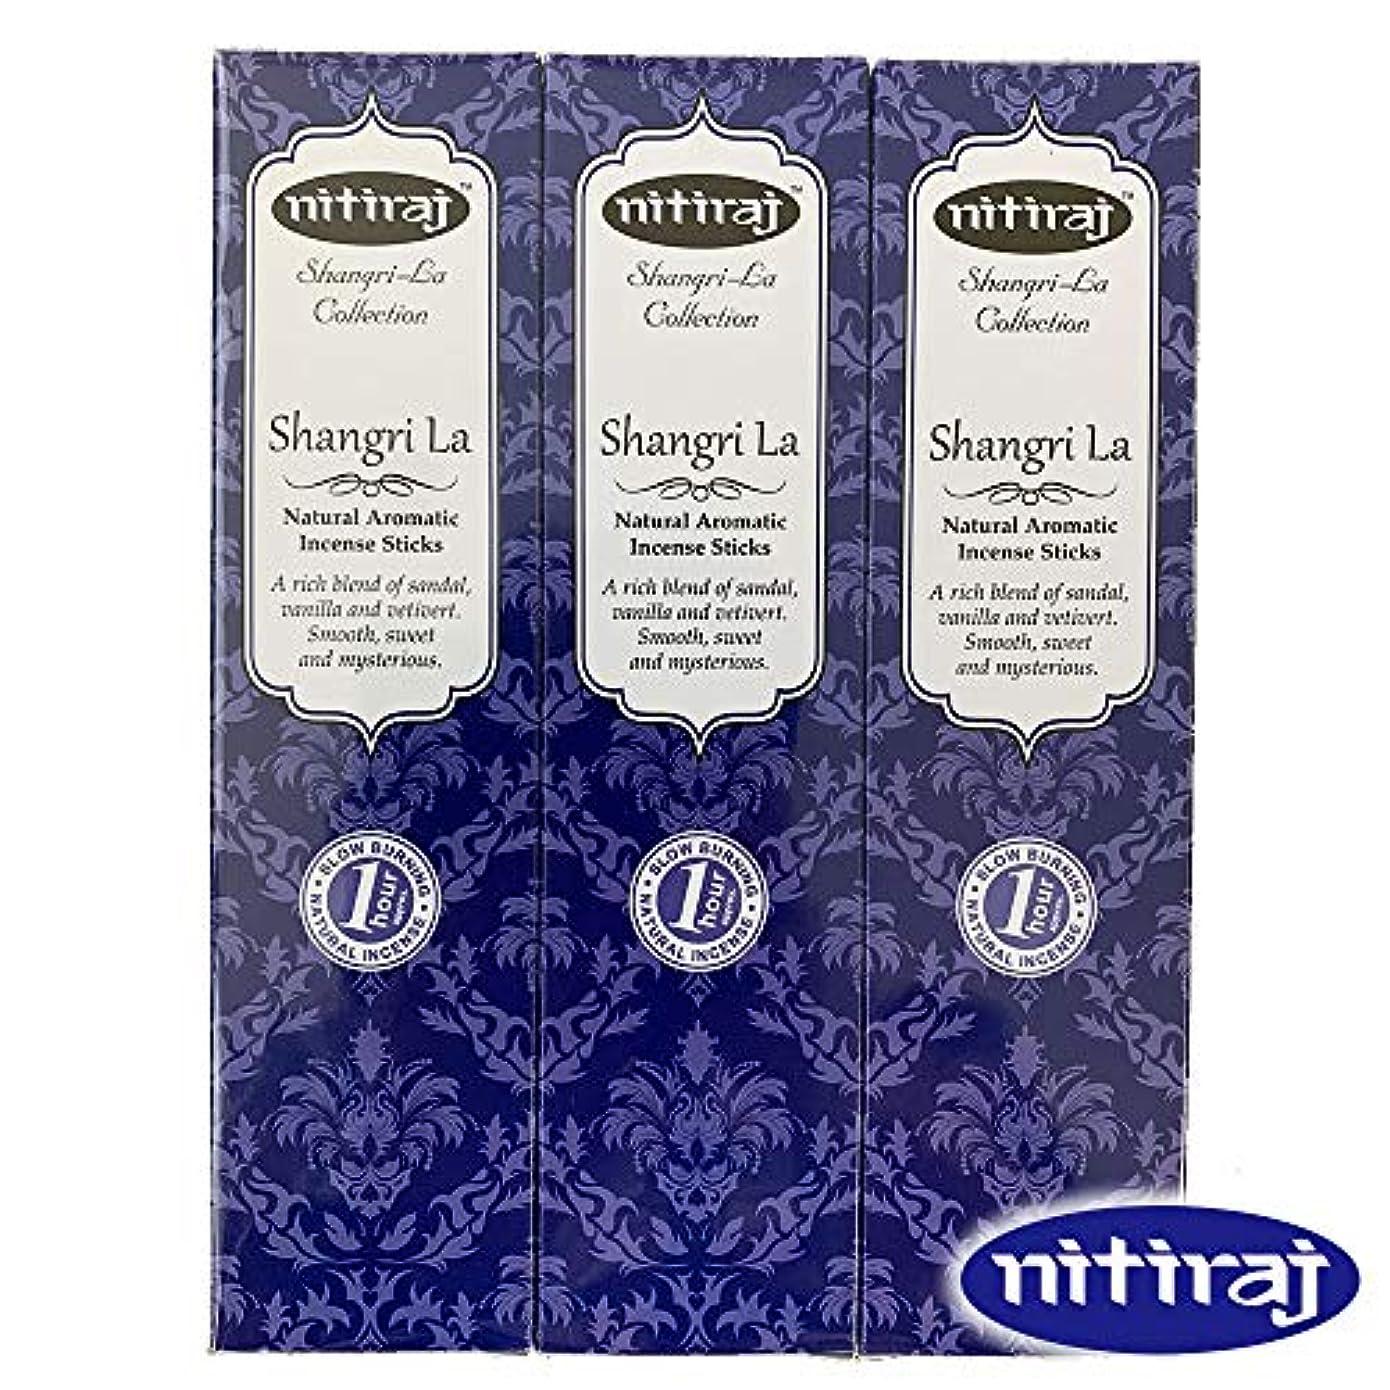 お香 アロマインセンス Nitiraj(ニティラジ)一番人気の香り シャングリ?ラ 3箱セット(30本/1箱10本入り)100%天然素材